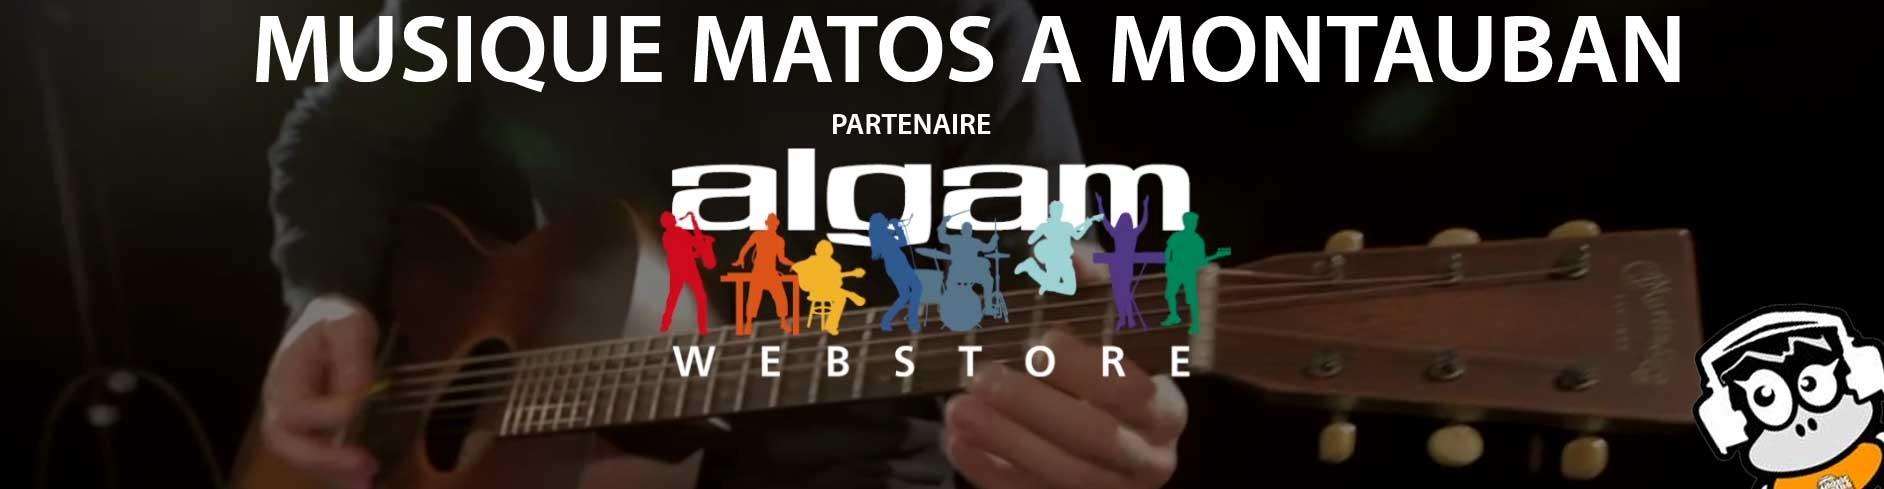 Musique Matos à Montauban partenaire officiel ALGAM WEBSTORE